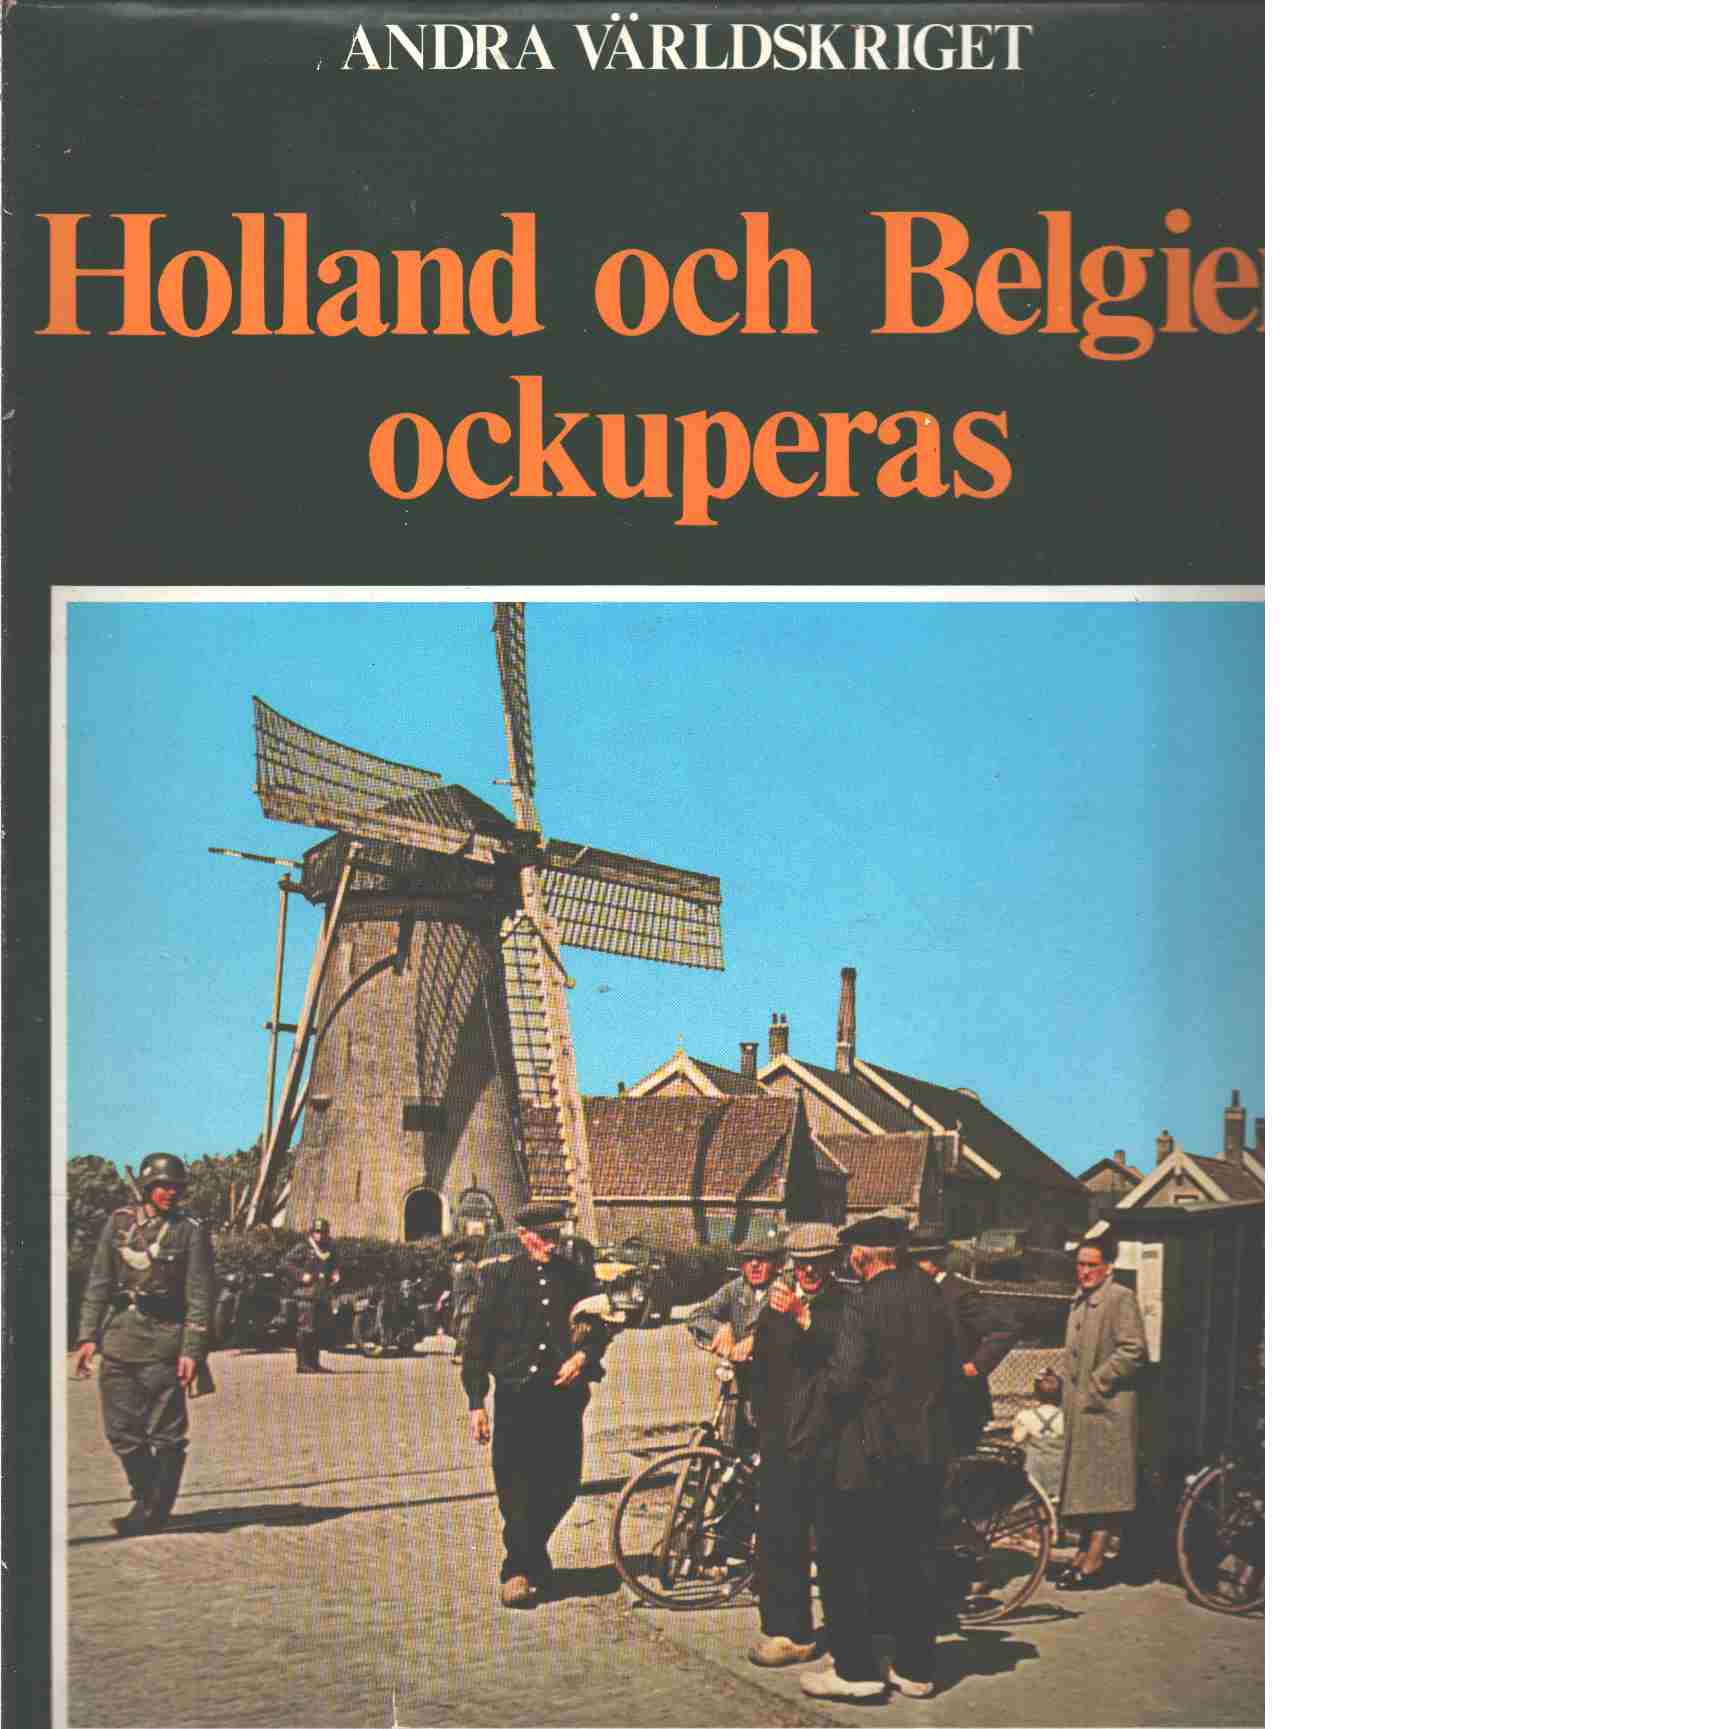 Holland och Belgien ockuperas - Bauer, Eddy